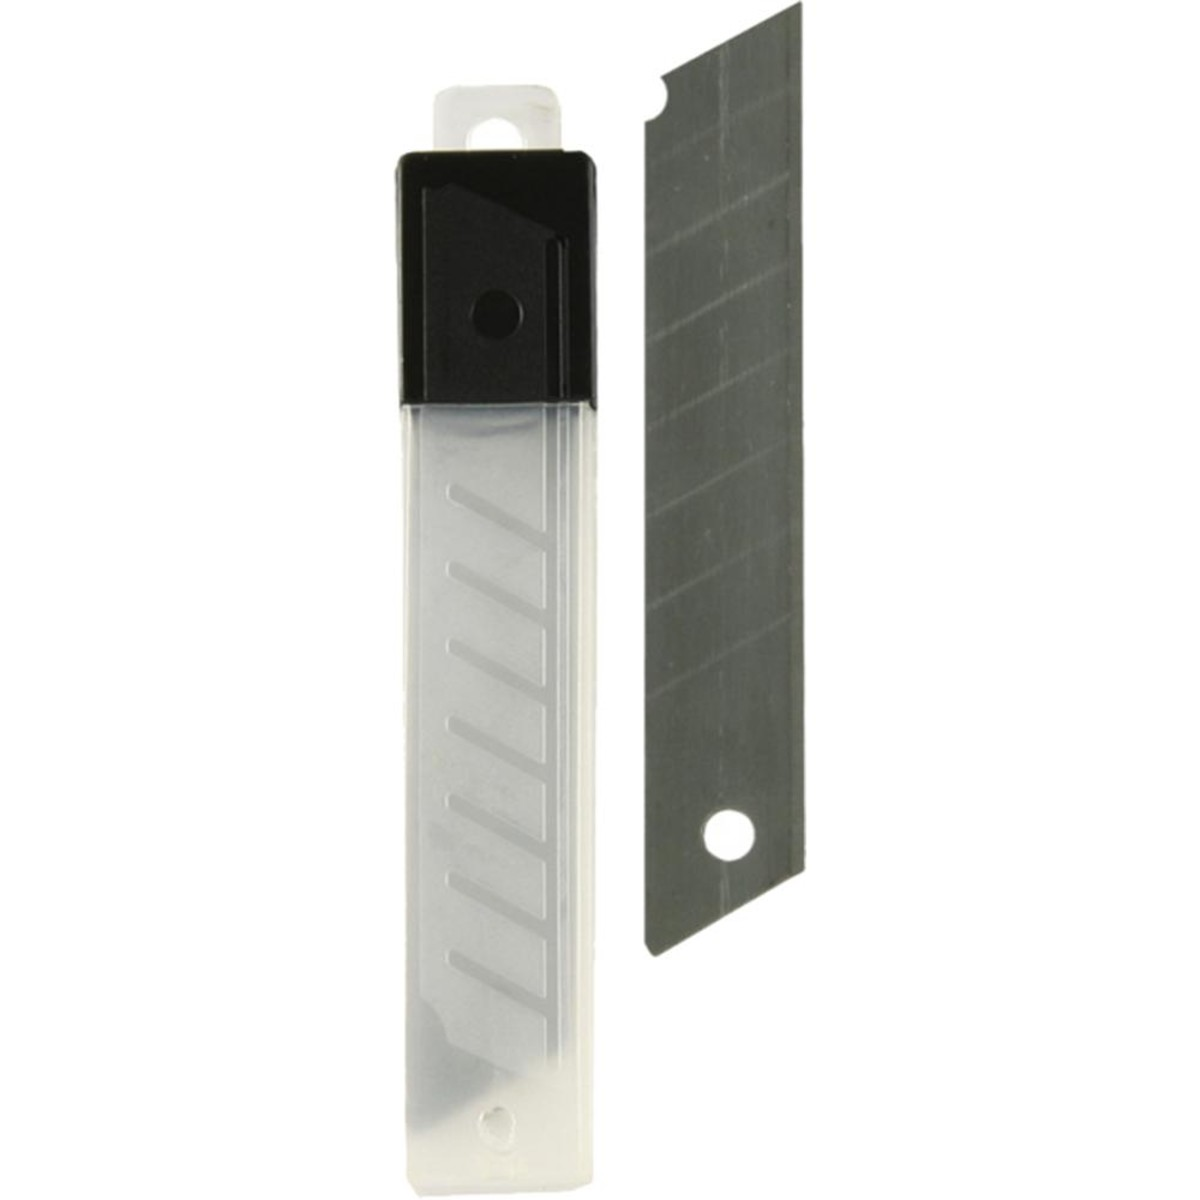 Лезвие для строительного ножа Кедр 18 мм  набор  5 шт.(10/400)  031-0003